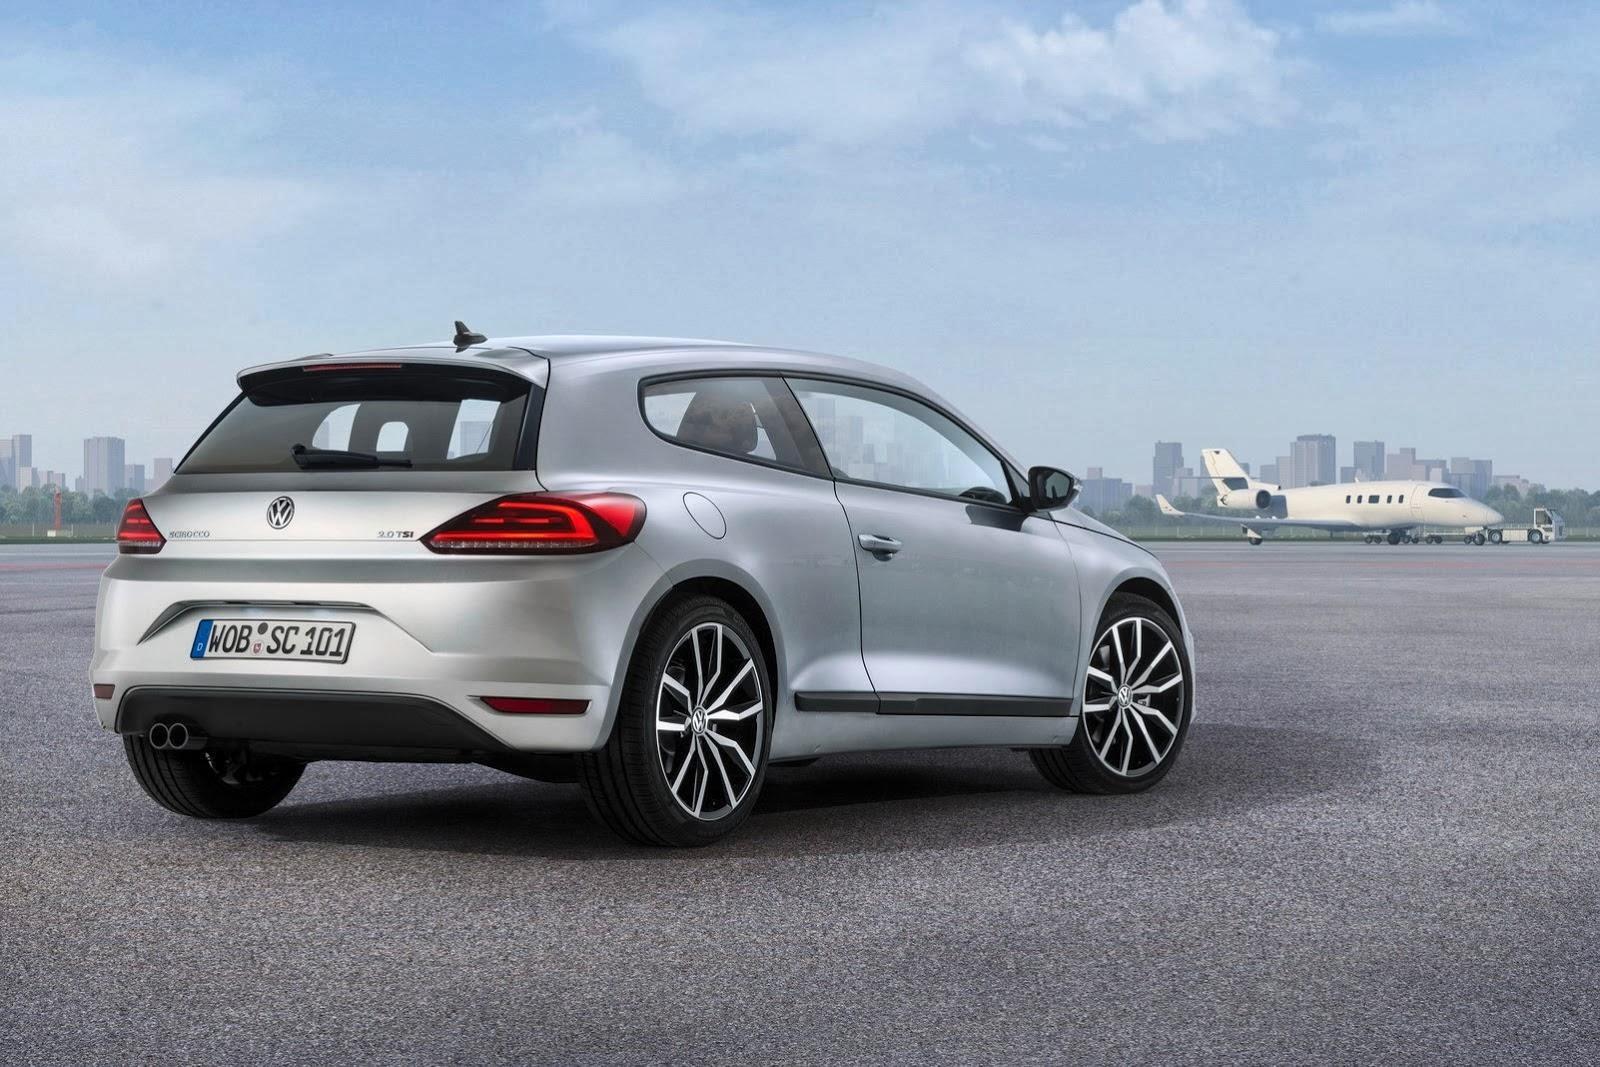 [Resim: Volkswagen+Scirocco+2.jpg]